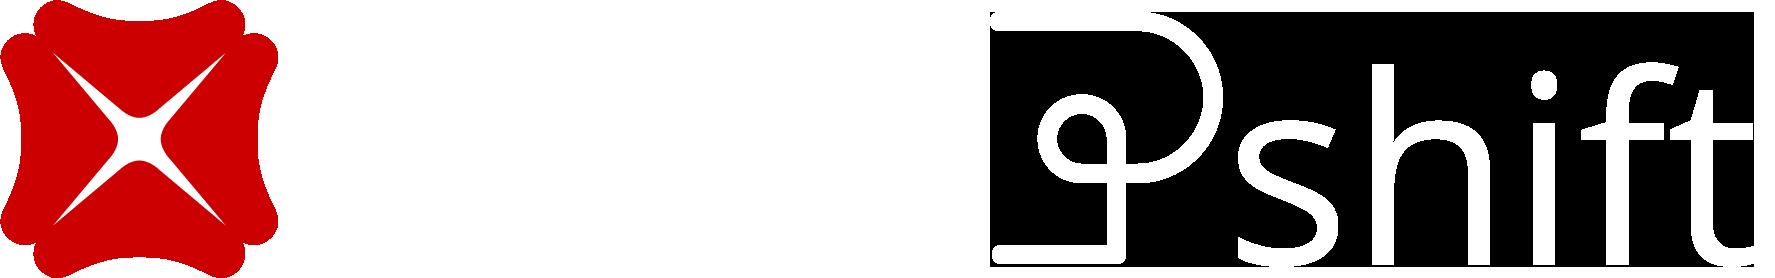 DBS pShift.